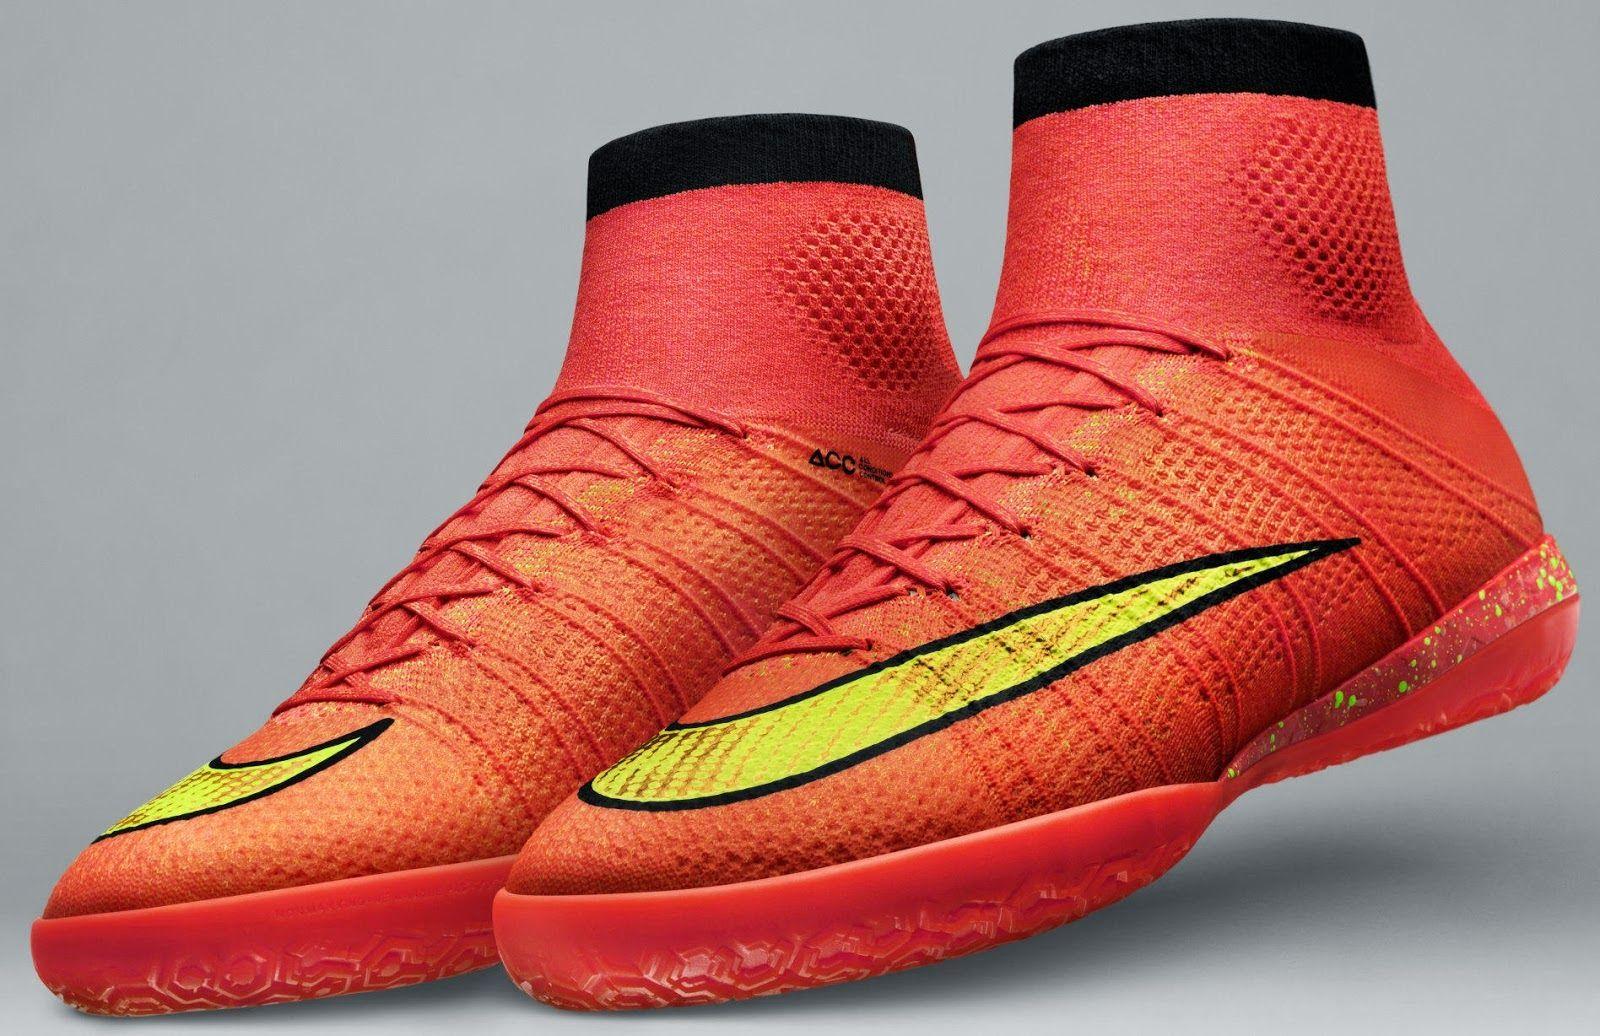 Nuevos botines Nike Elastico Superfly Flyknit!  869c179b242b7